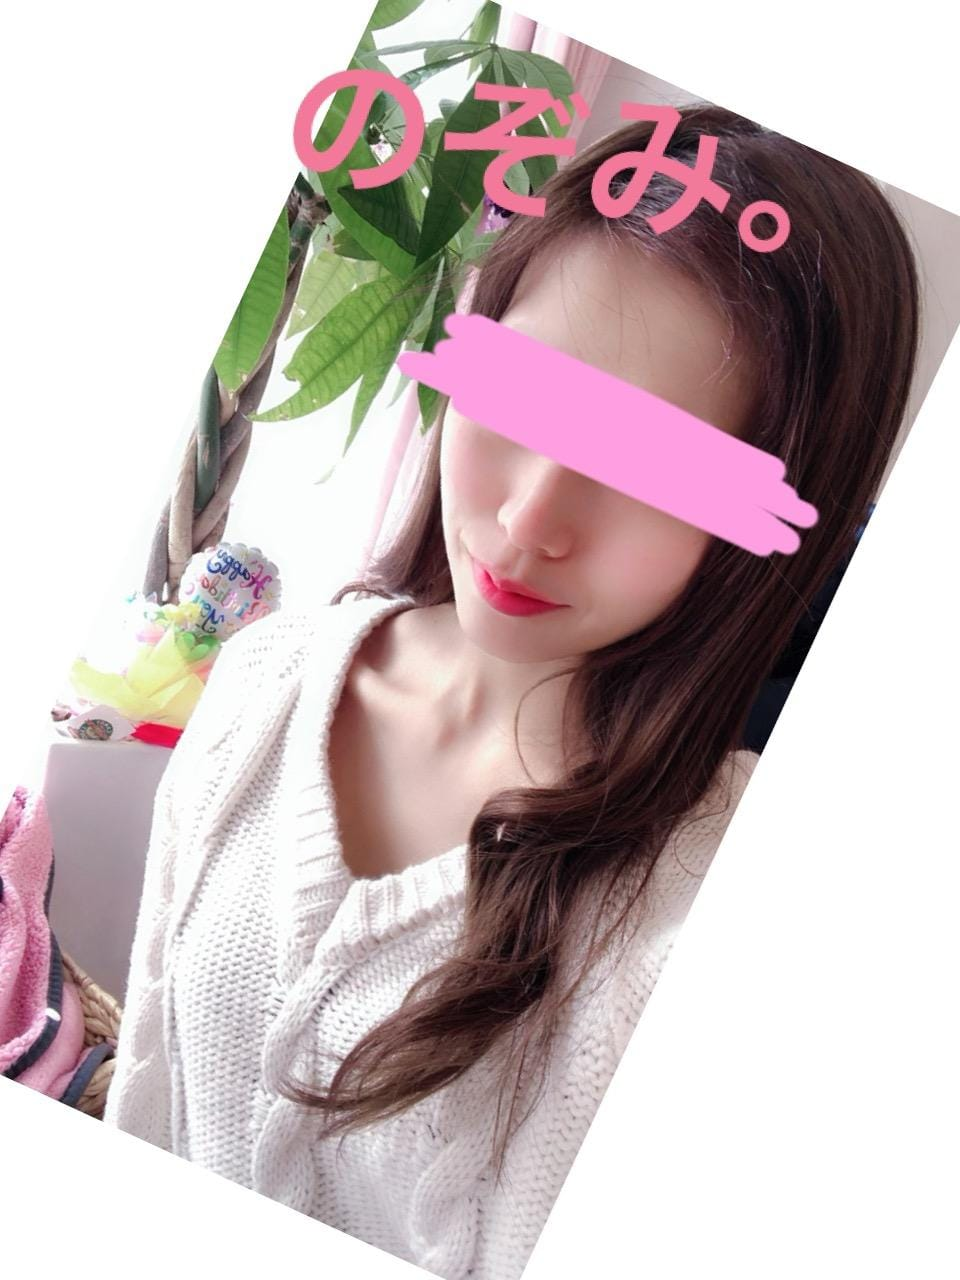 香川希美「とぅるんとぅるん」01/19(土) 13:24 | 香川希美の写メ・風俗動画